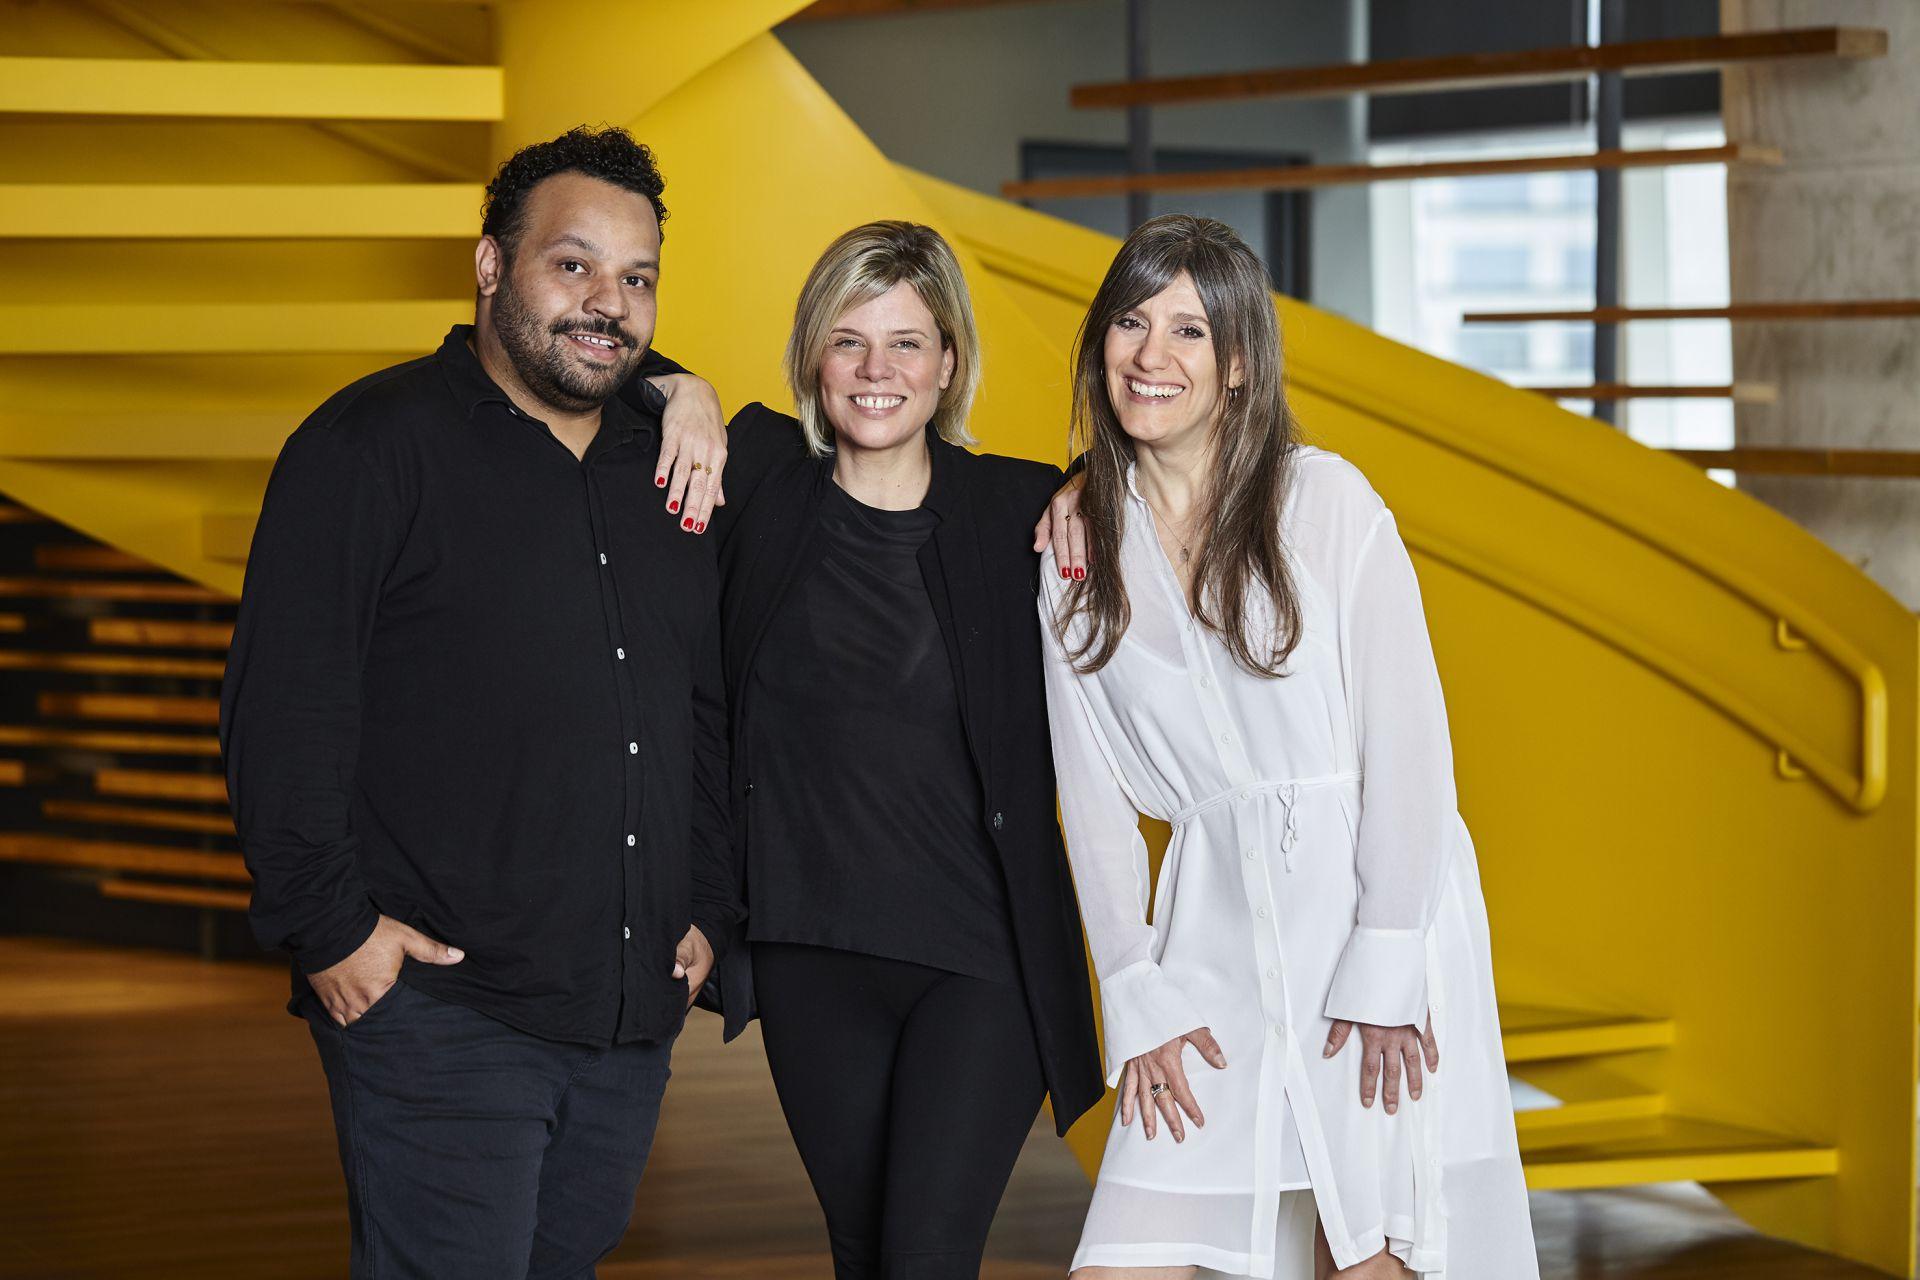 Três colaboradores da agência em foto do time, um homem e duas mulheres à direita. São eles: Maurilio Filho, Renata Bokel e Marie Alonso